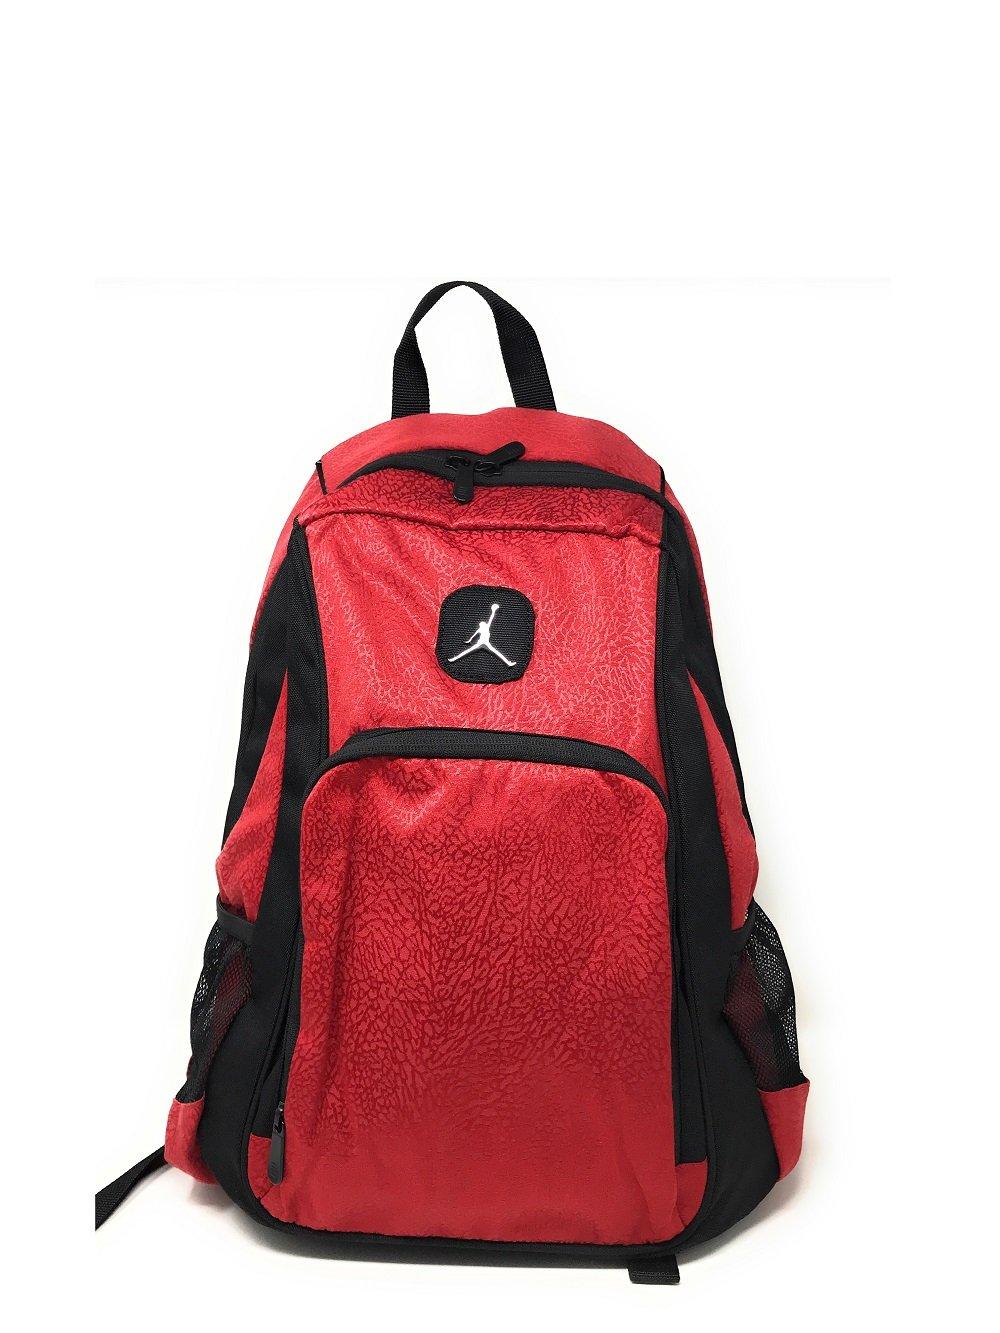 Nike Air Jordan Legacy Elite Black Red Backpack 20'' School Bag